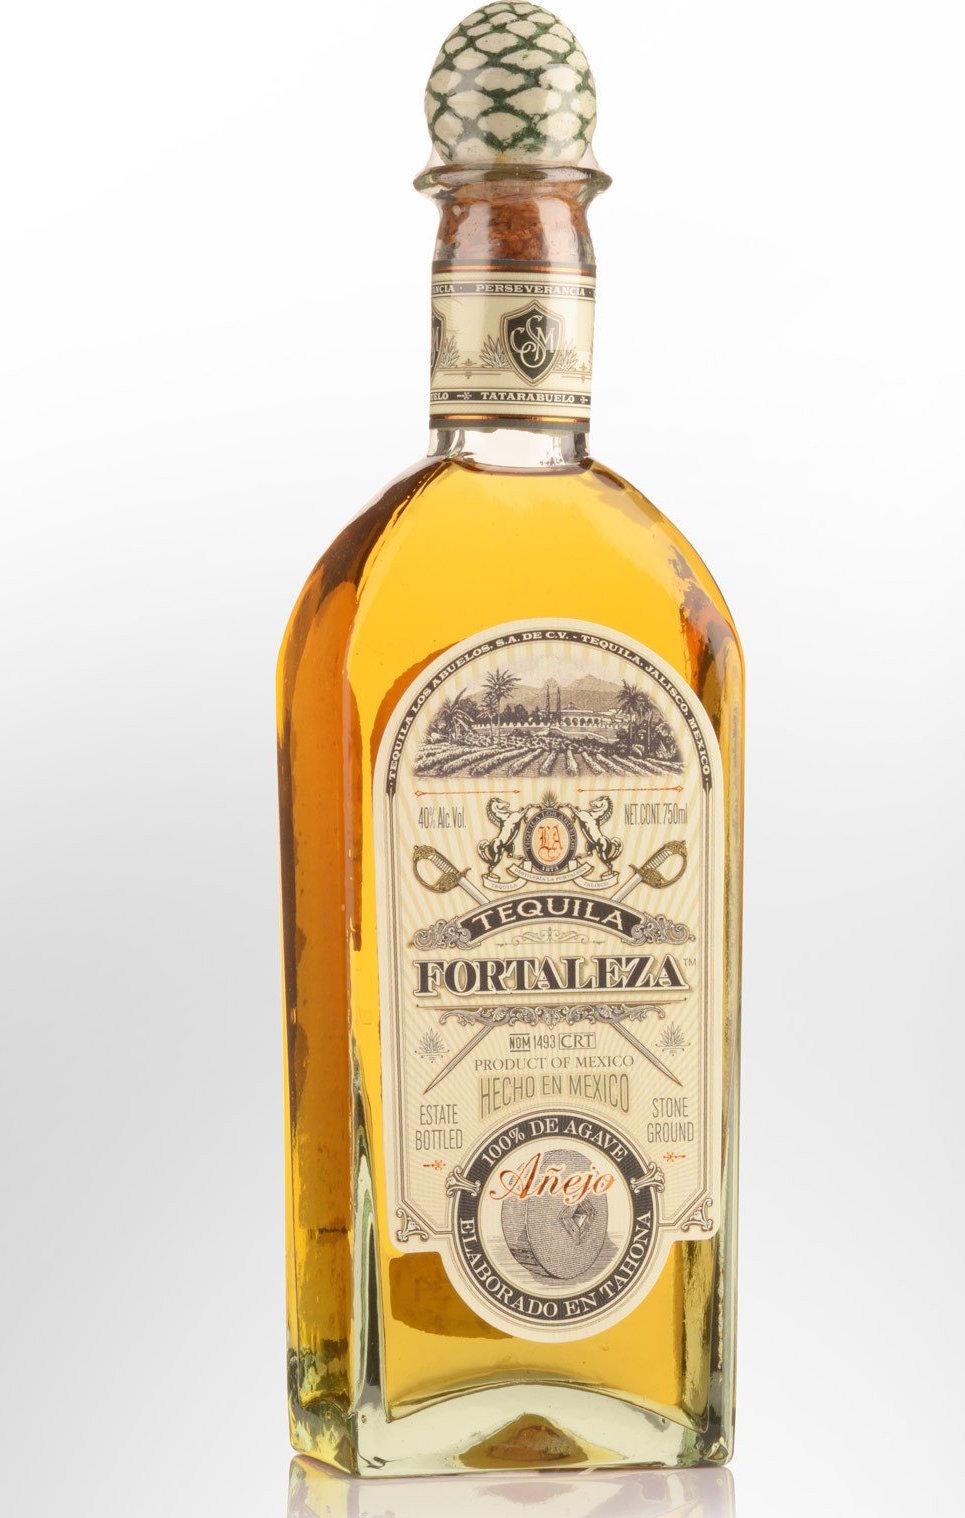 Fortaleza-Anejo-Tequila.jpg